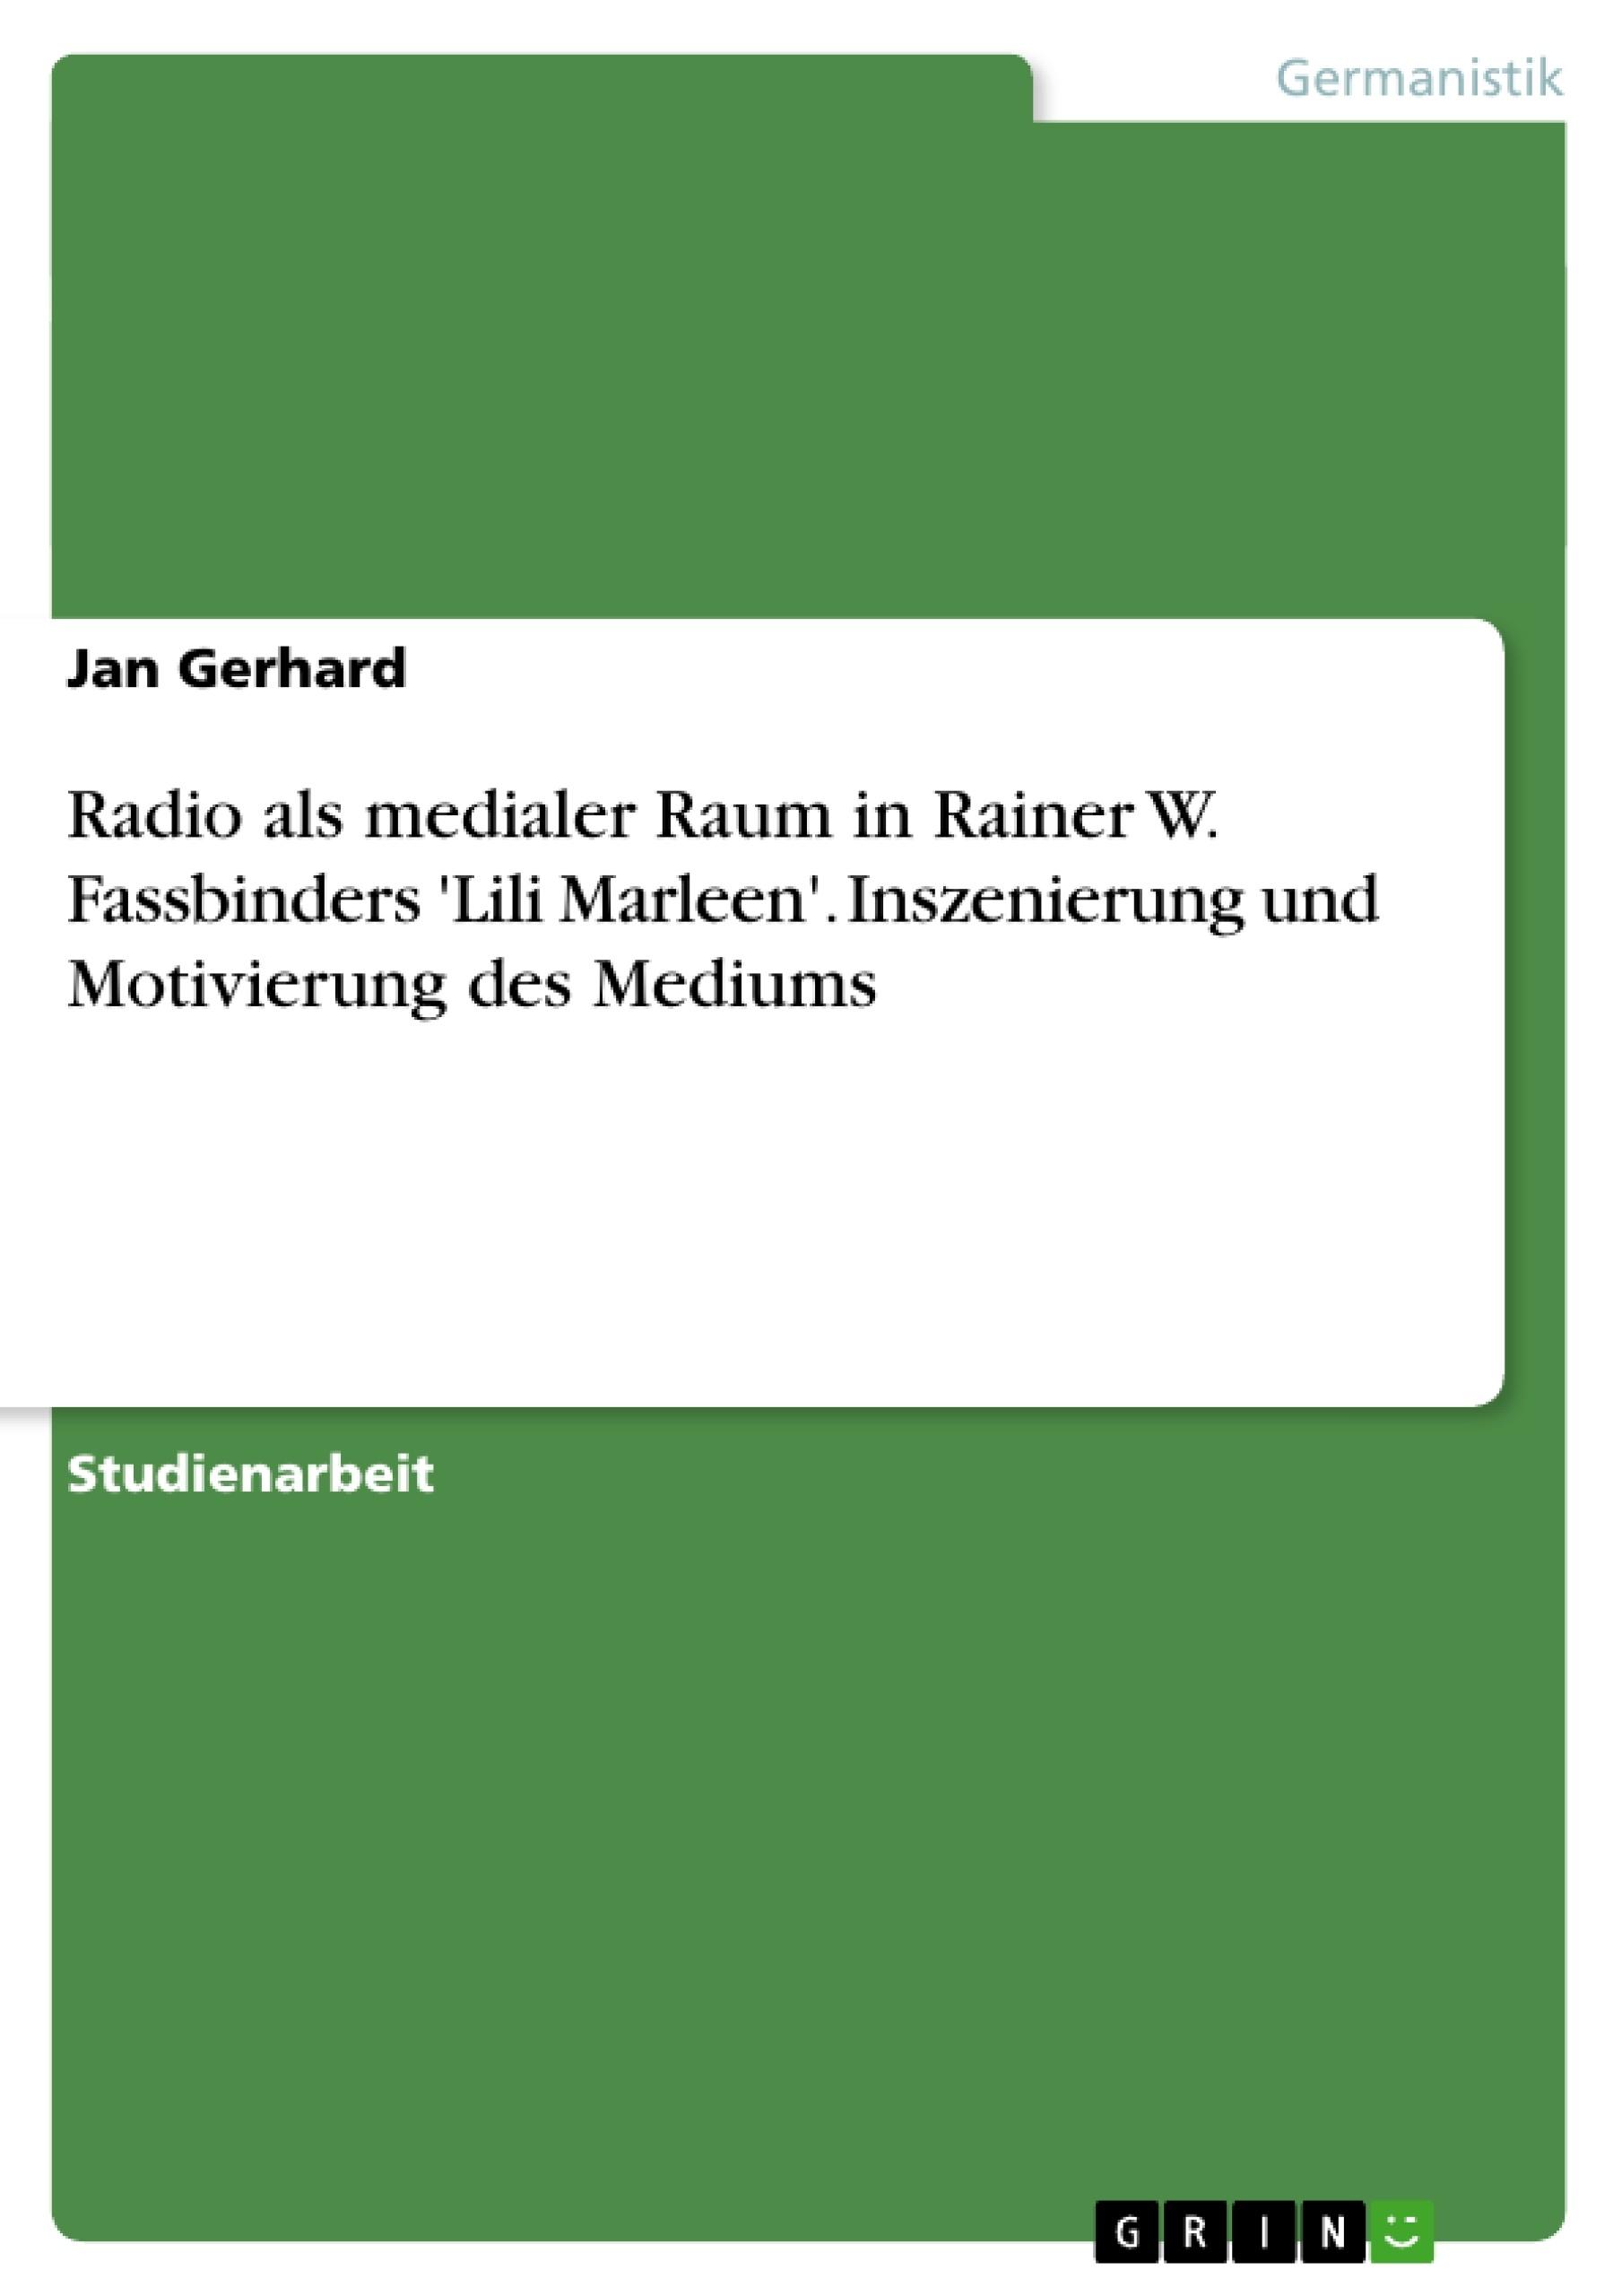 Titel: Radio als medialer Raum in Rainer W. Fassbinders 'Lili Marleen'. Inszenierung und Motivierung des Mediums